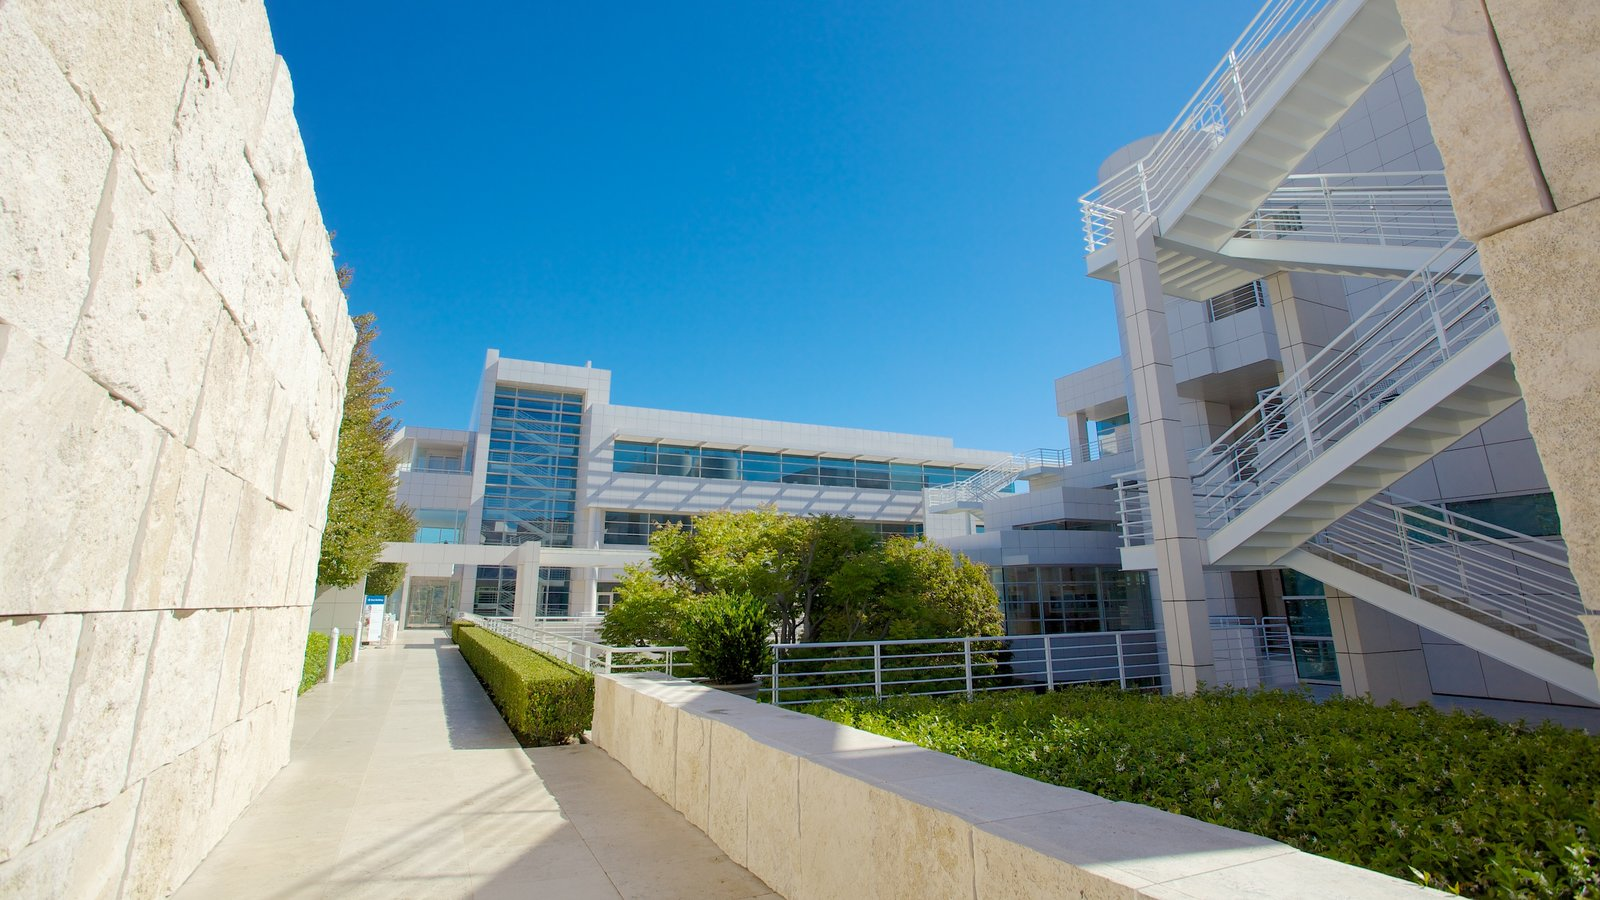 Centro Getty mostrando arquitetura moderna e uma cidade